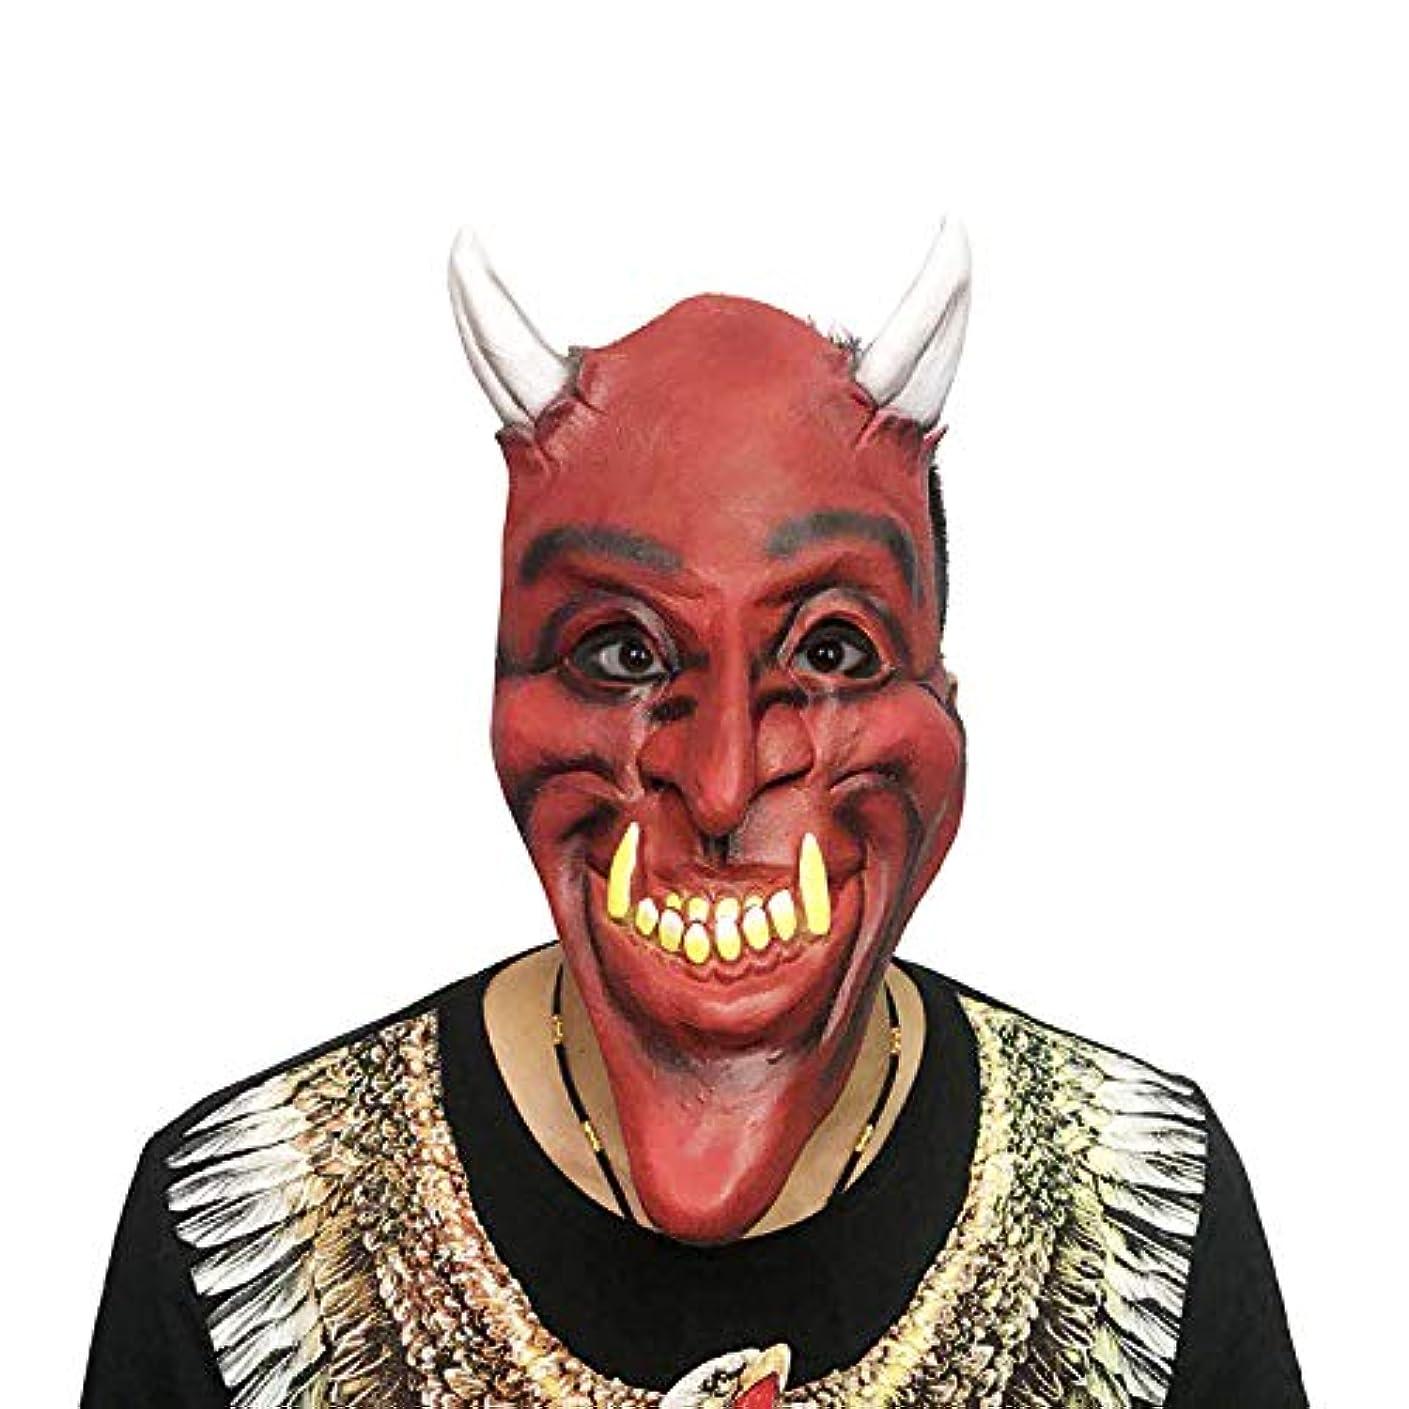 フェンス打たれたトラック変なホラーしかめっ面は悪魔のマスクハロウィンボールパーティーコスチュームパーティー怖い小道具悪魔悪魔を再生するマスク